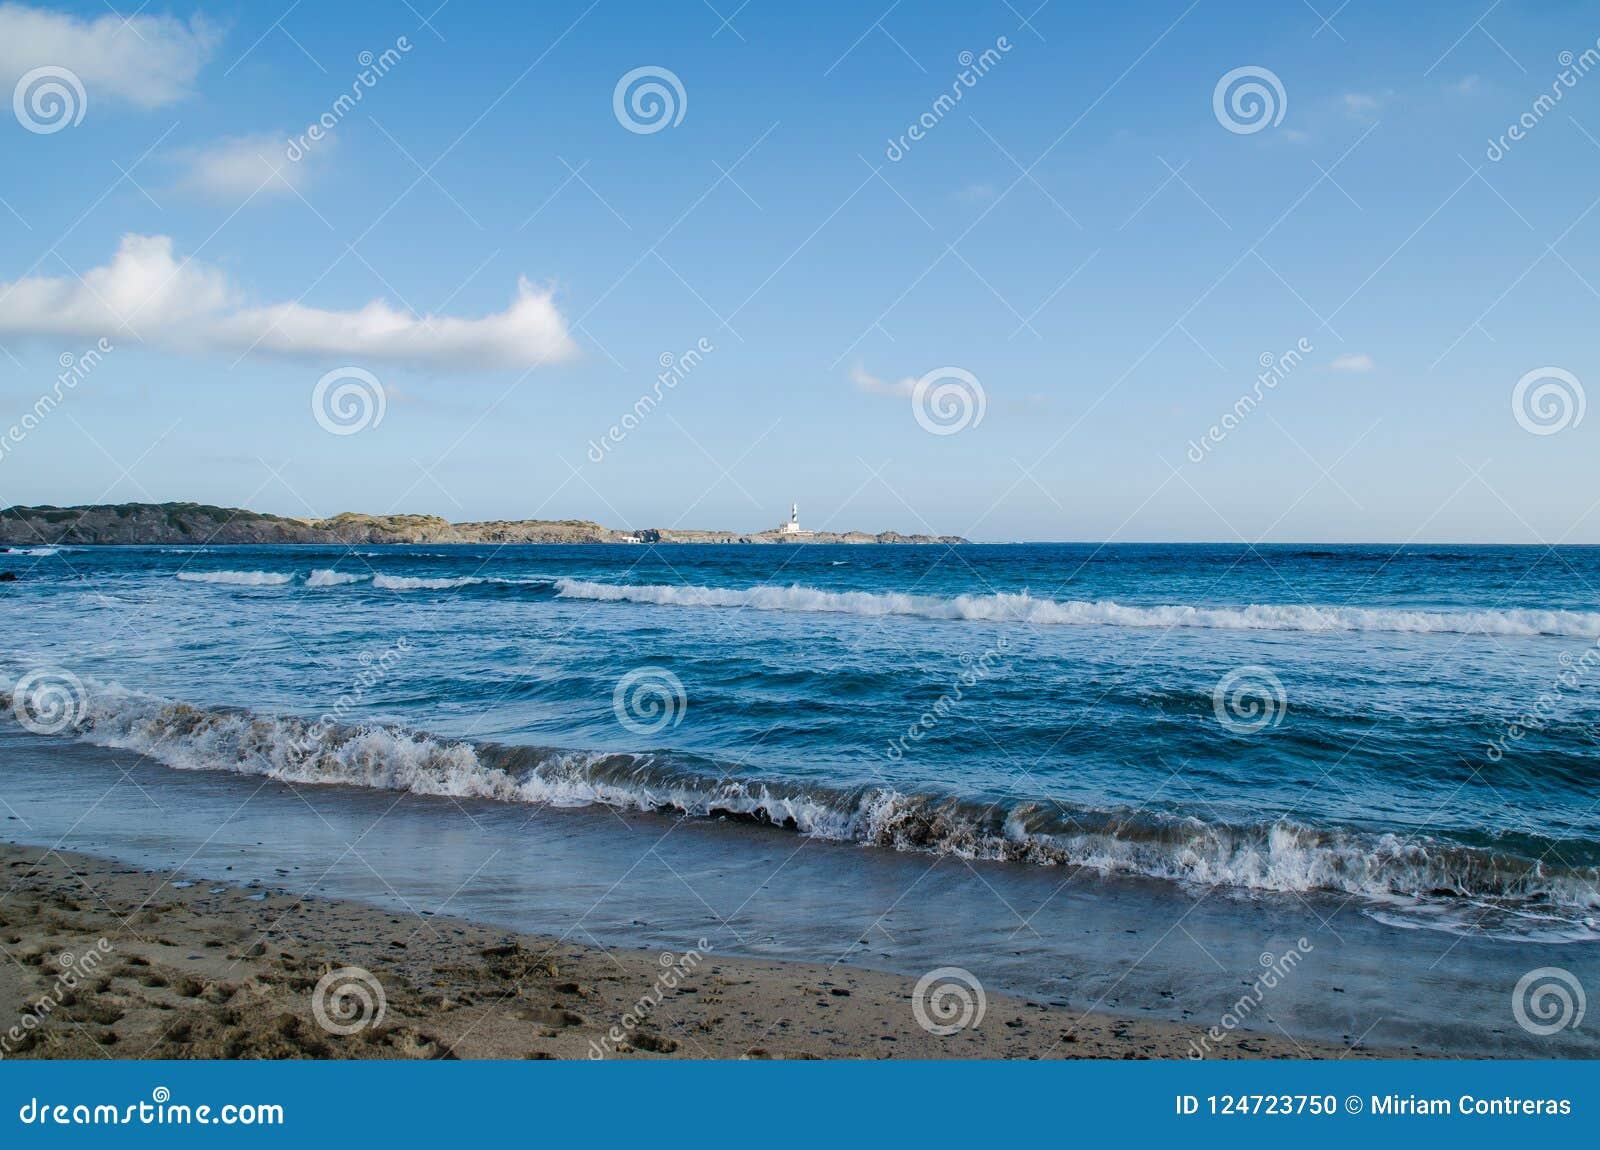 Gestalten Sie Fotografie von einem der bekanntesten Plätze in Menorca auf der Küste mit einem Leuchtturm landschaftlich